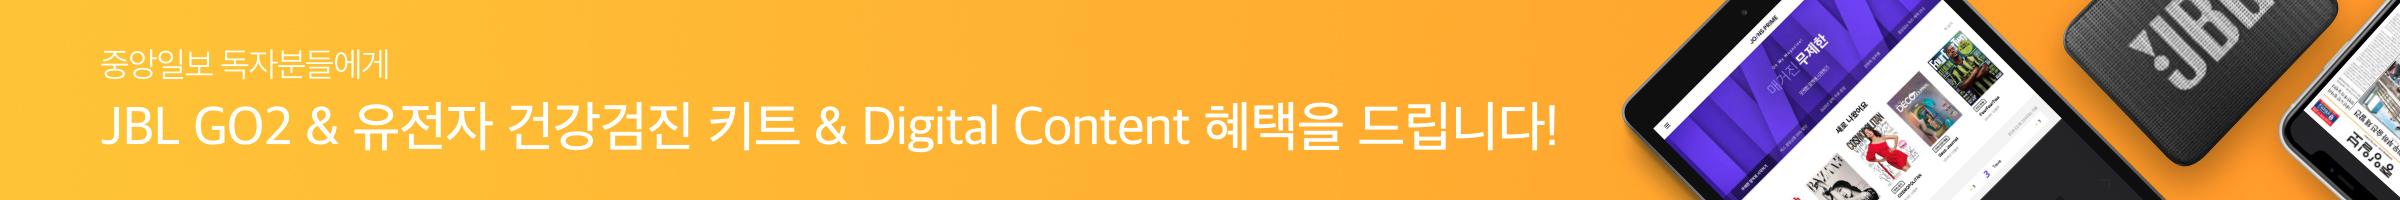 중앙일보 독자분들에게 jbl go2 & digital content 혜택을 드립니다.